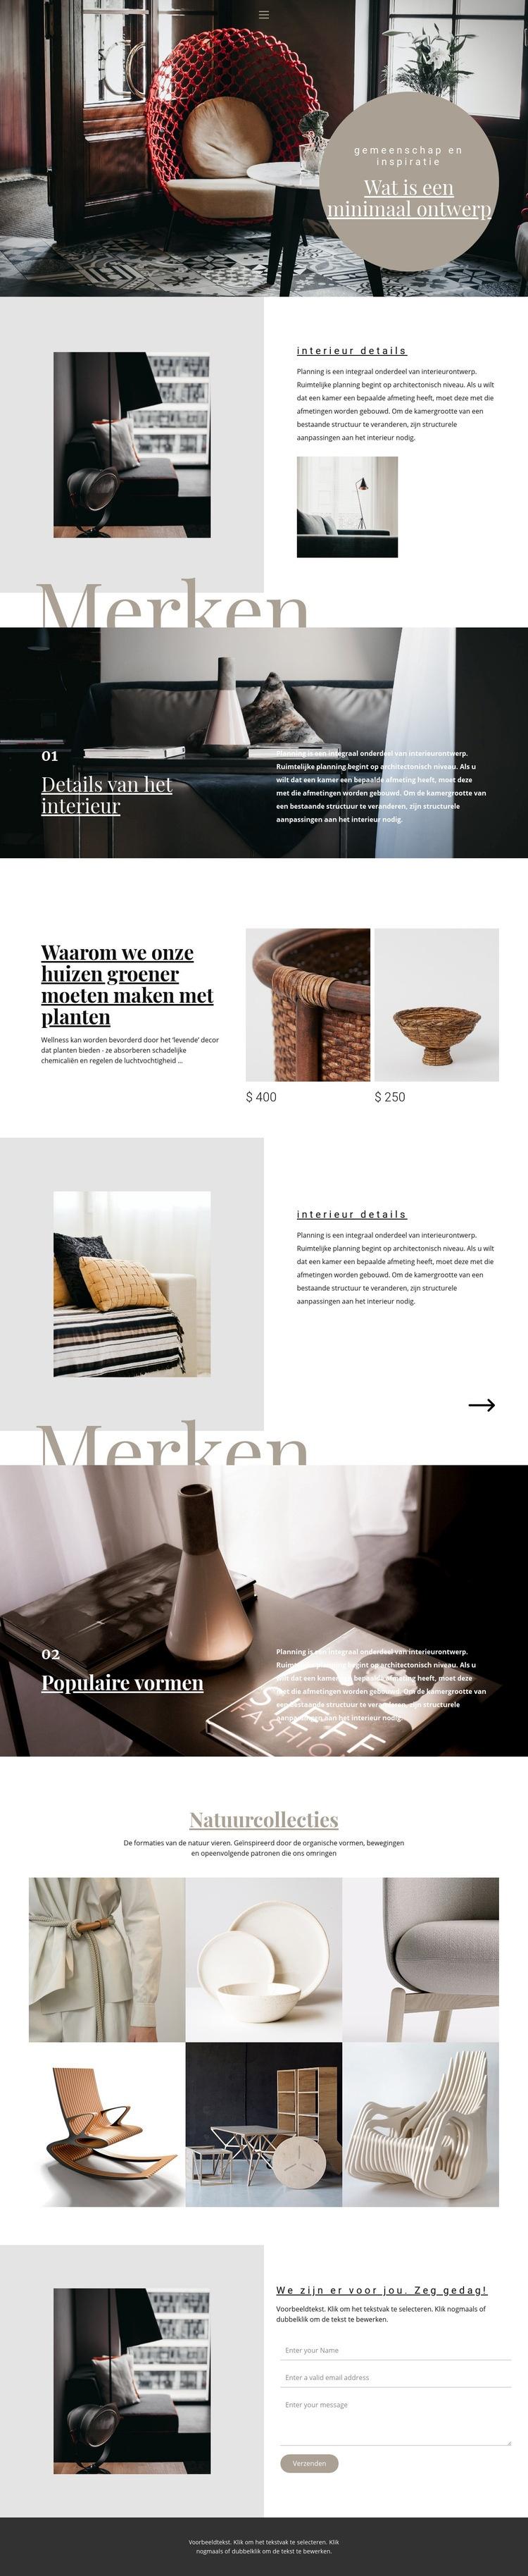 Interieur merken Website sjabloon